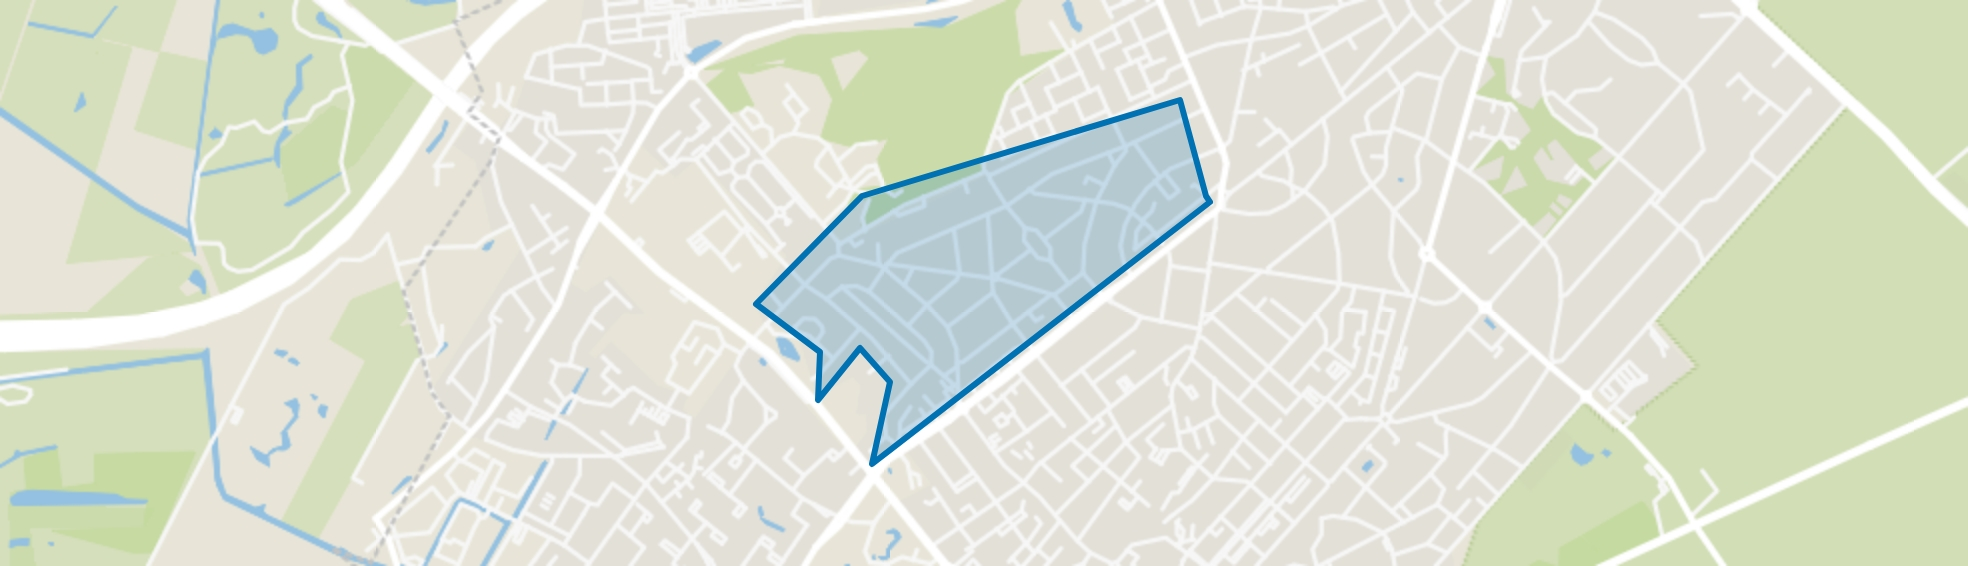 Patijnpark, Zeist map